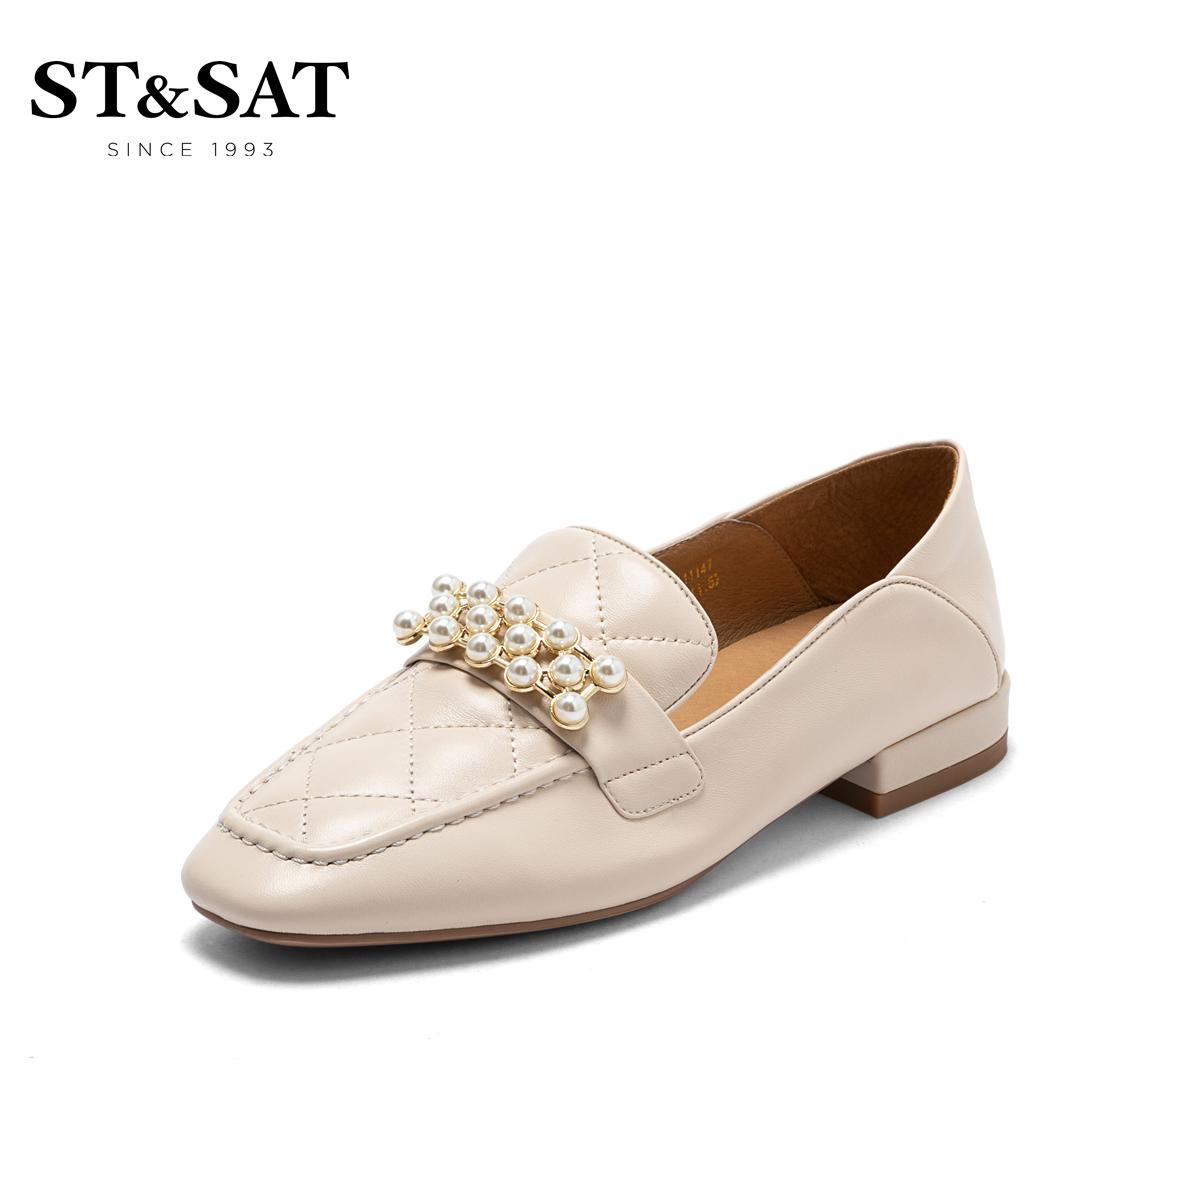 SS13111147 秋新方头低跟珠饰奶油鞋女鞋子 2021 星期六乐福鞋 直